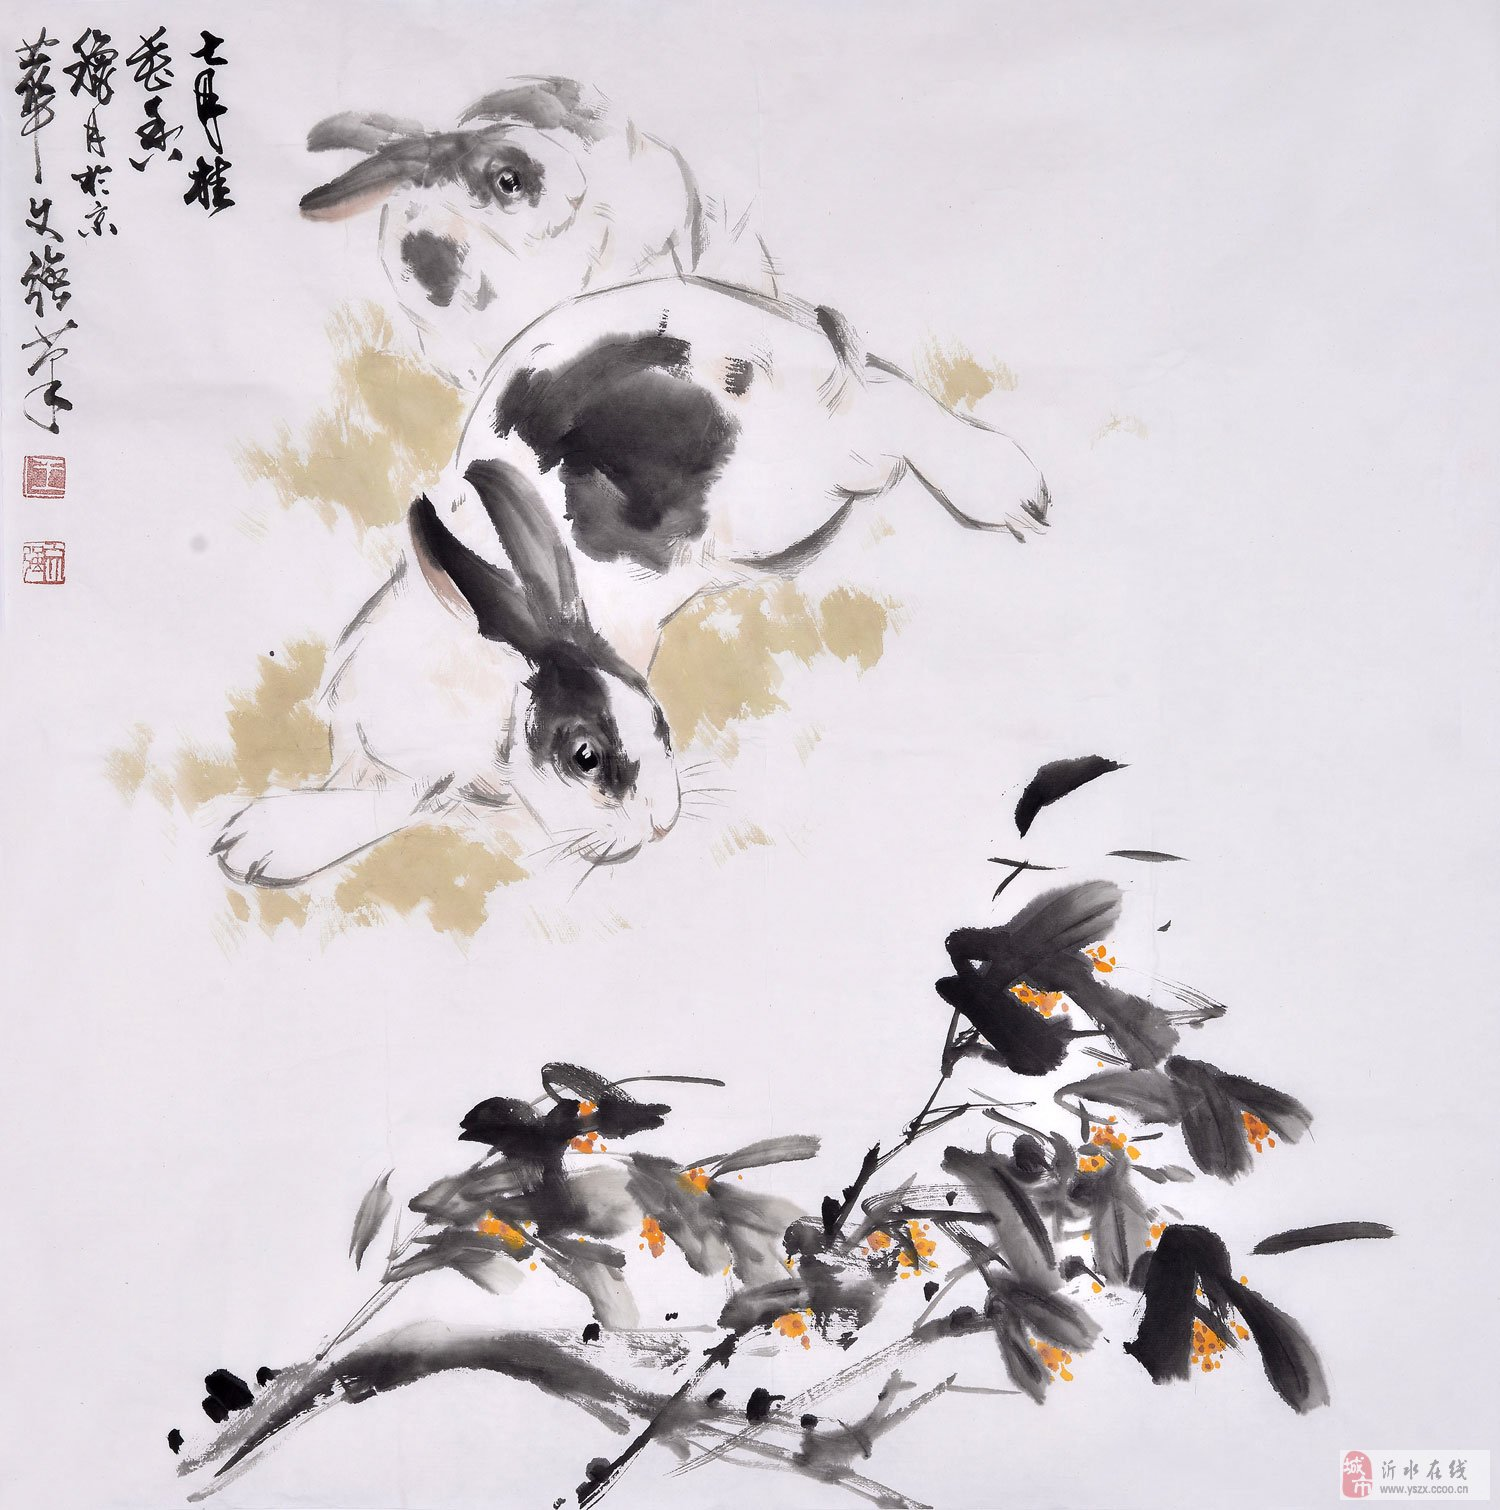 王文强四尺斗方动物画作品兔子《七月桂花香》